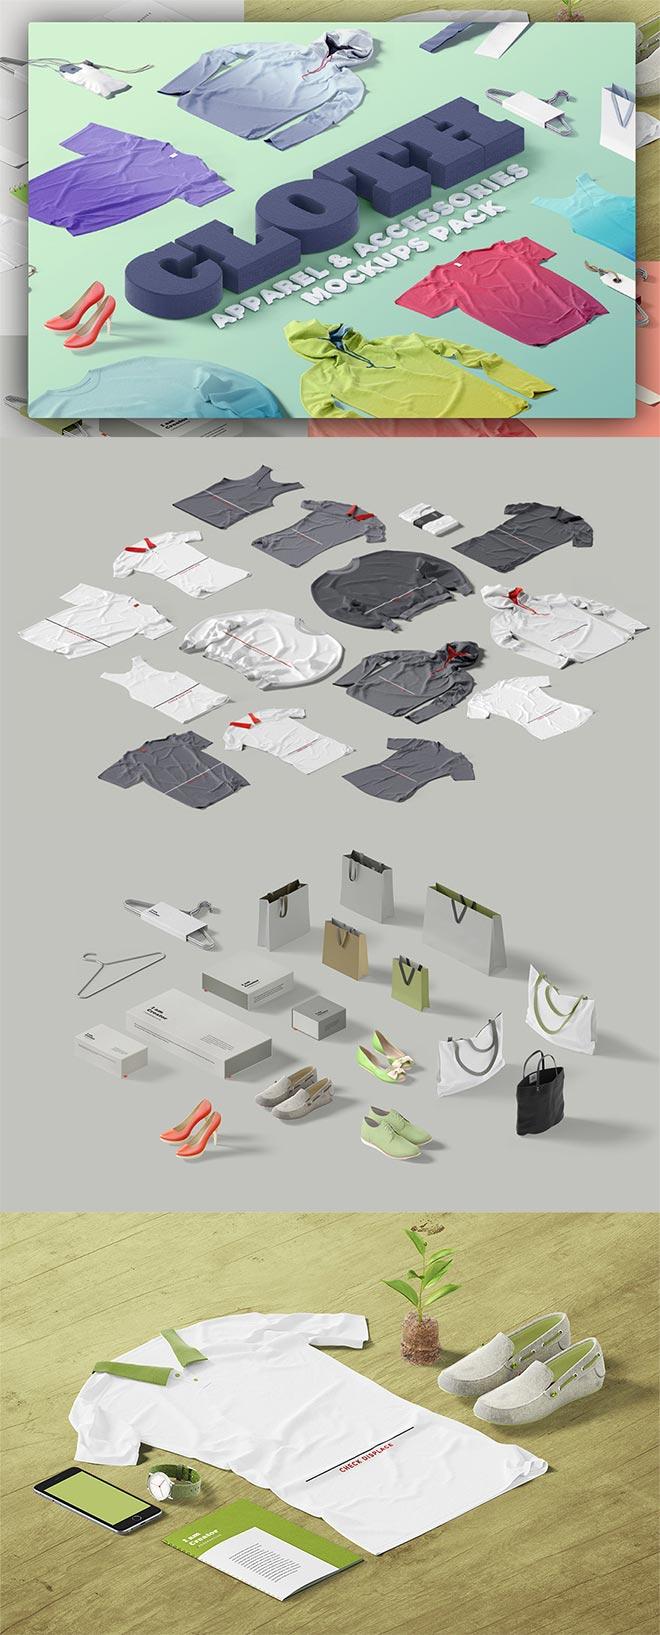 Cloth, Apparel & Accessories Mockups